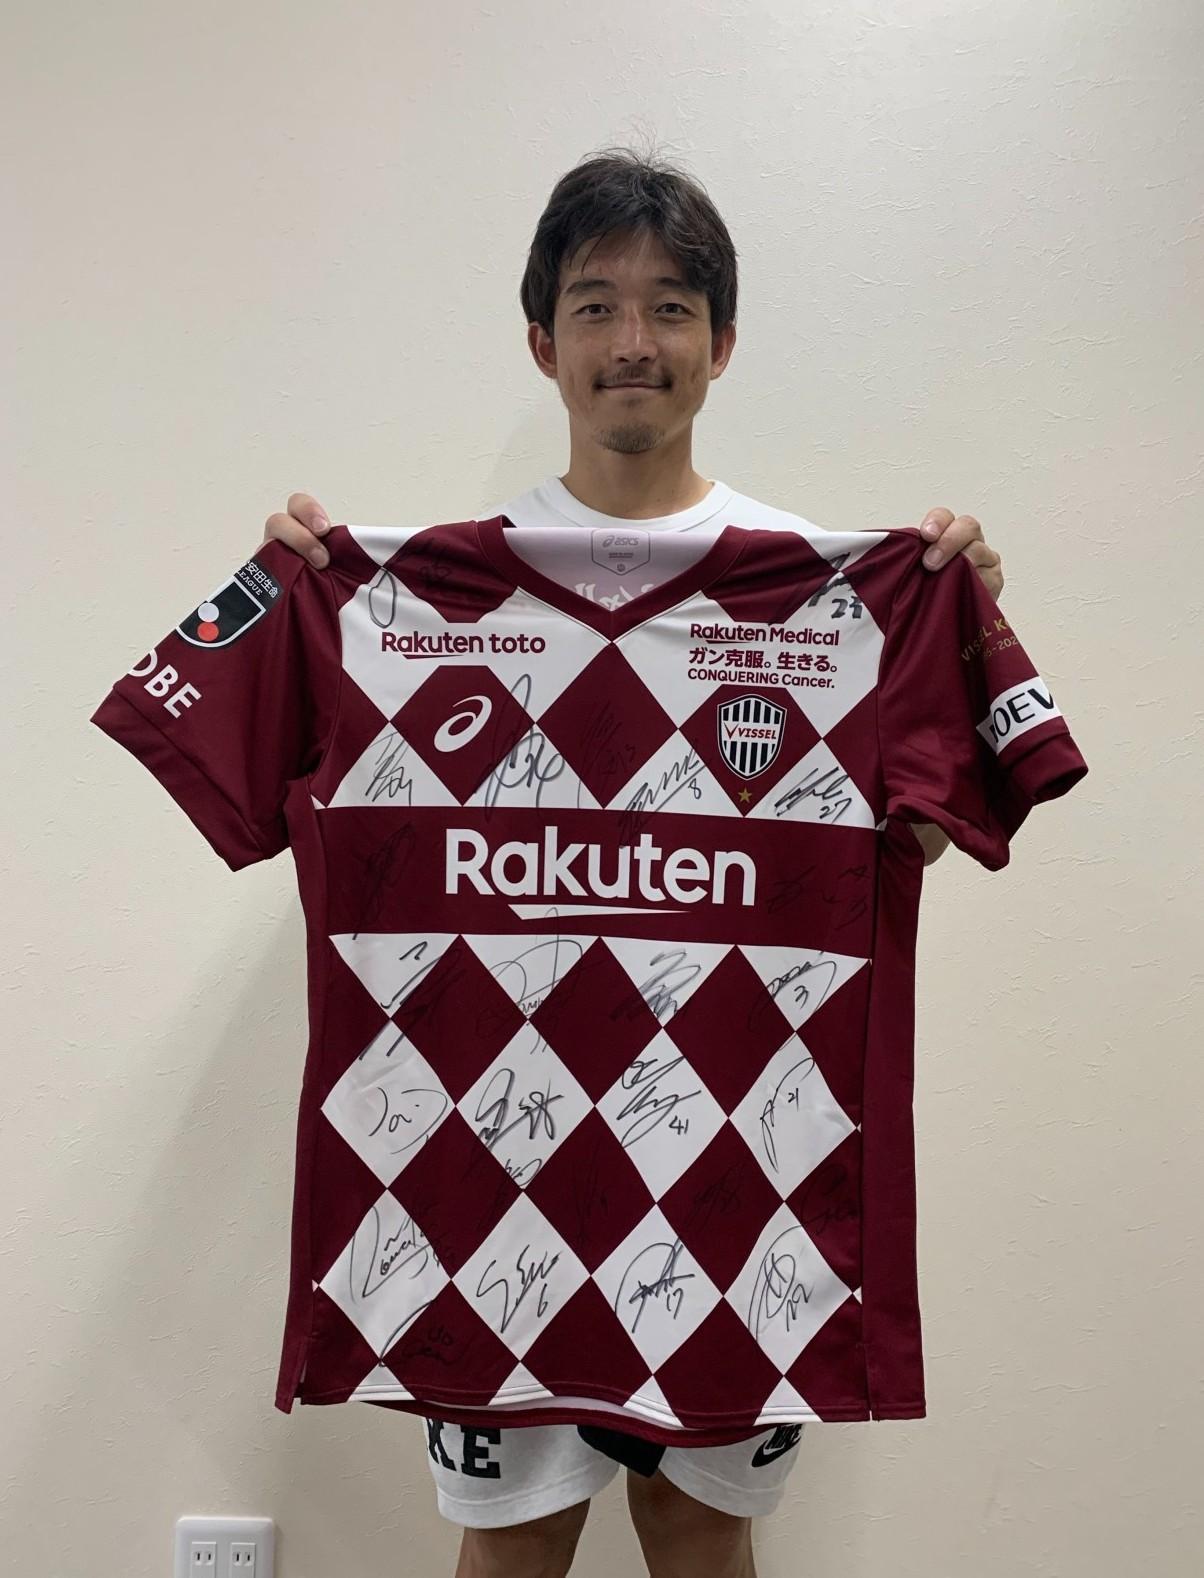 ヴィッセル神戸・選手会 直筆サイン入り ユニフォーム